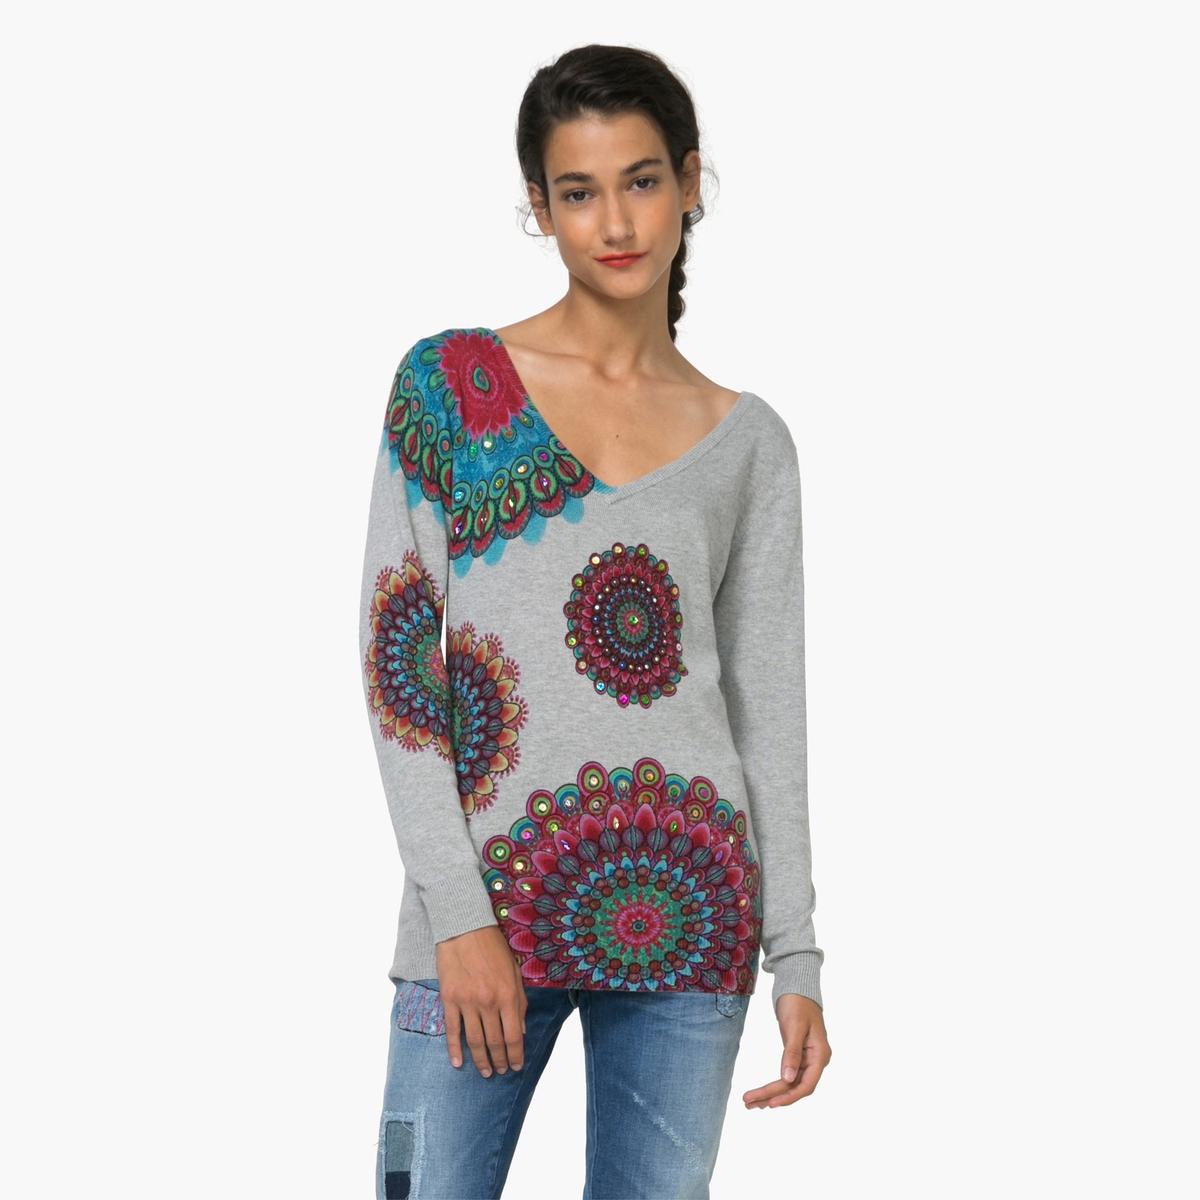 Пуловер с длинными рукавами с рисункомДетали  •  Пуловер прямого покроя •  Длинные рукава •   V-образный вырез  •  Тонкий трикотаж •  Рисунок-принт Состав и уход •  5% шелка, 42% вискозы, 53% хлопка •  Следуйте советам по уходу, указанным на этикетке<br><br>Цвет: светло-серый<br>Размер: S.XL